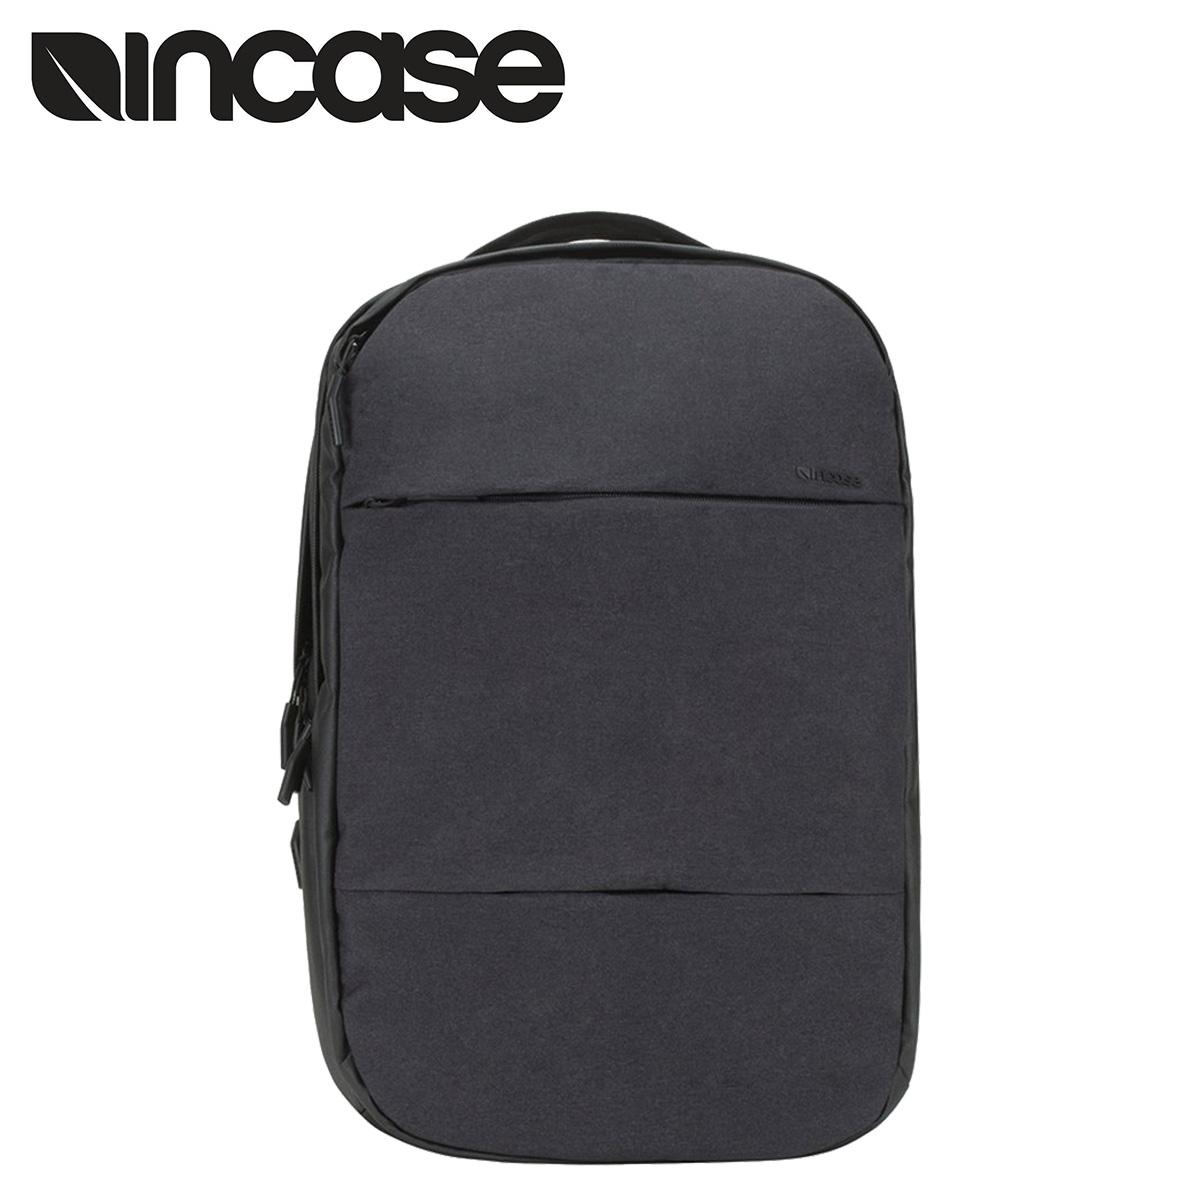 インケース INCASE リュック バッグ バッグパック メンズ レディース CITY COLLECTION BACKPACK ブラック 黒 CL55450 [4/10 再入荷]